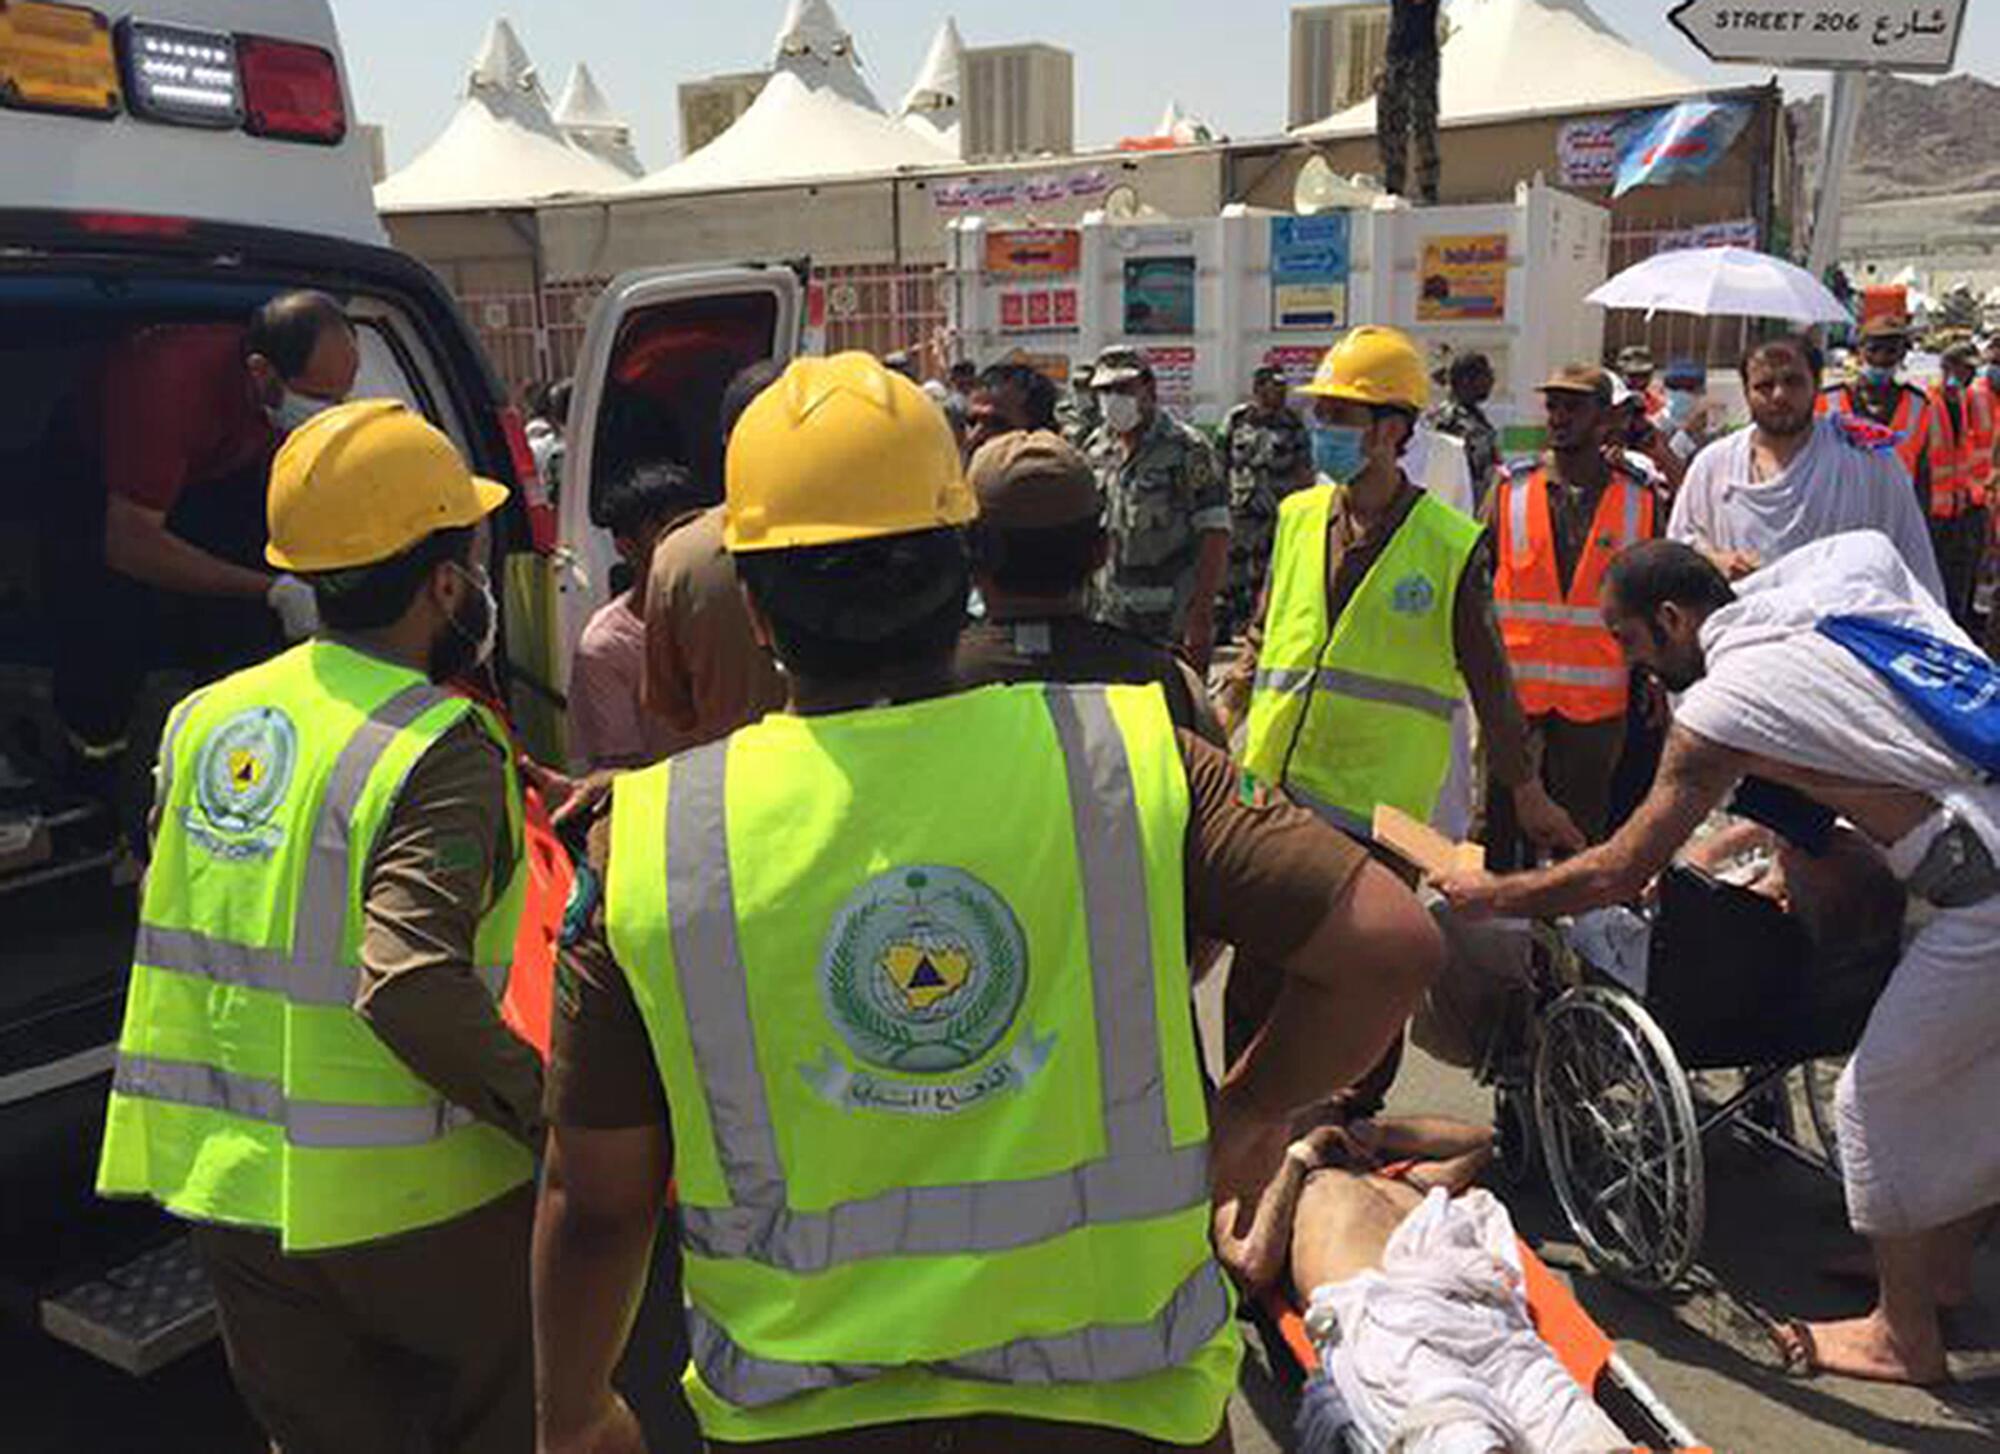 Socorristas ajudam civis depois do tulmuto que causou mais de 310 mortes em Mina